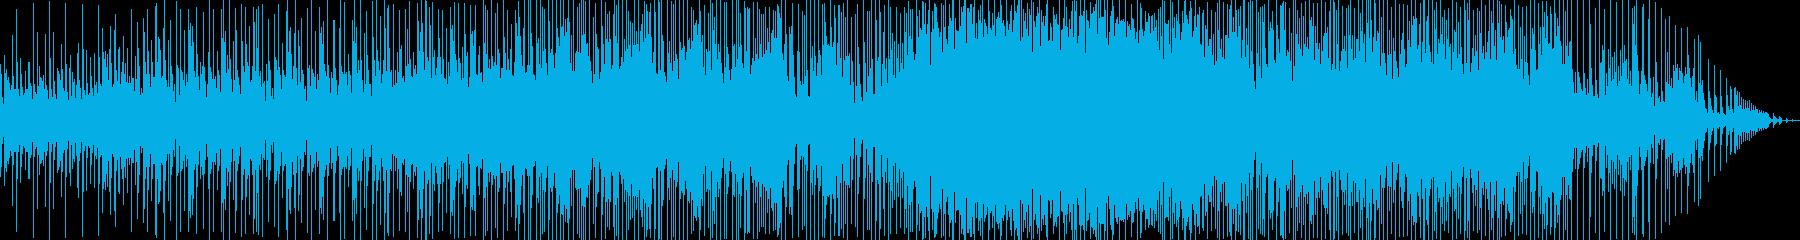 使用例下記にありsamurai popsの再生済みの波形